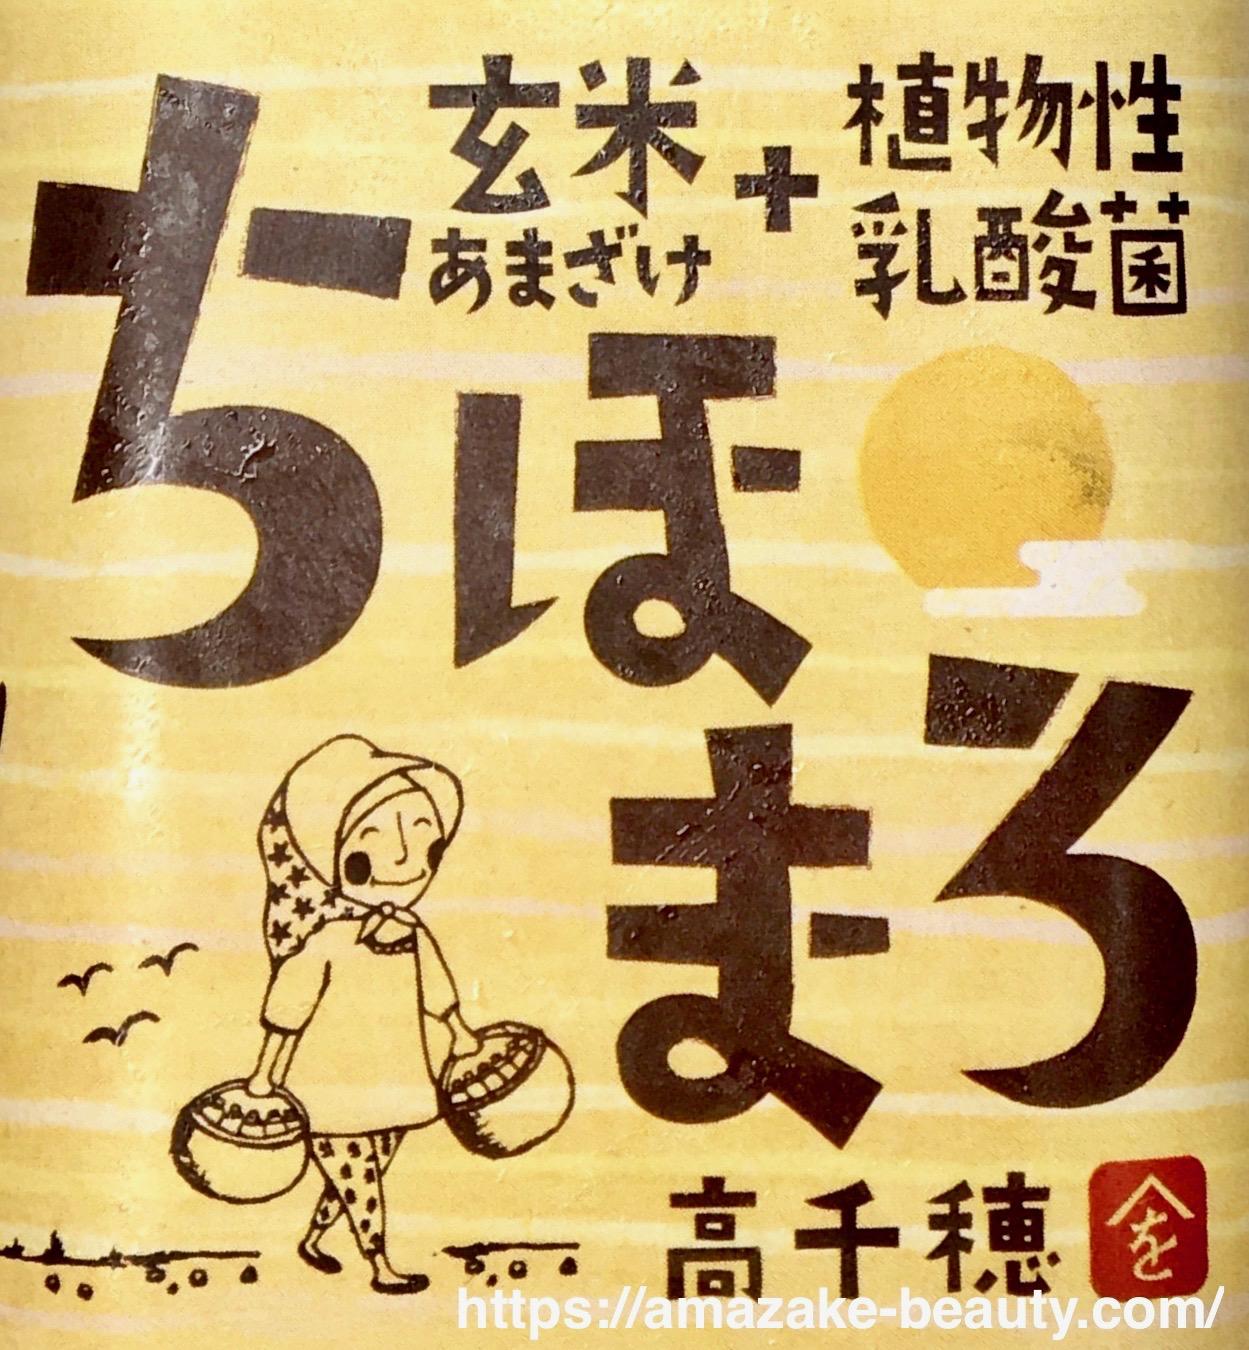 【甘酒】高千穂『ちほまろ(玄米)』(ラベルデザイン)